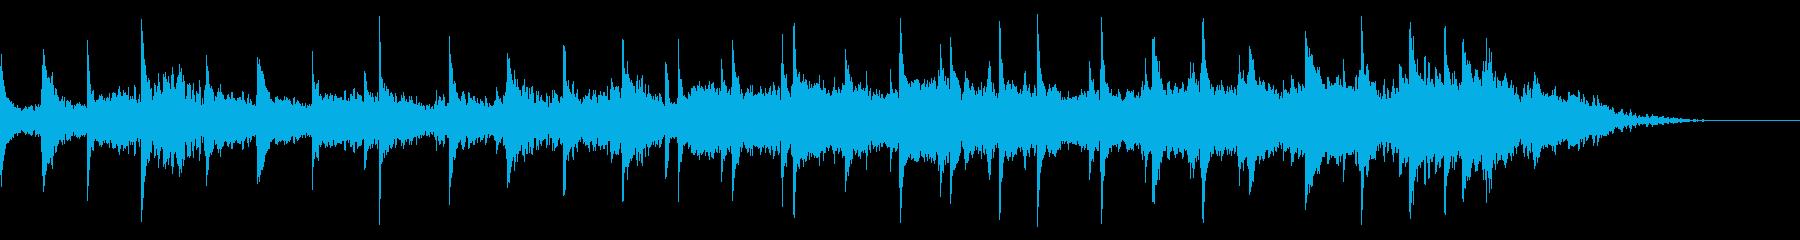 感情に訴える感情的なピアノ作品。 ...の再生済みの波形